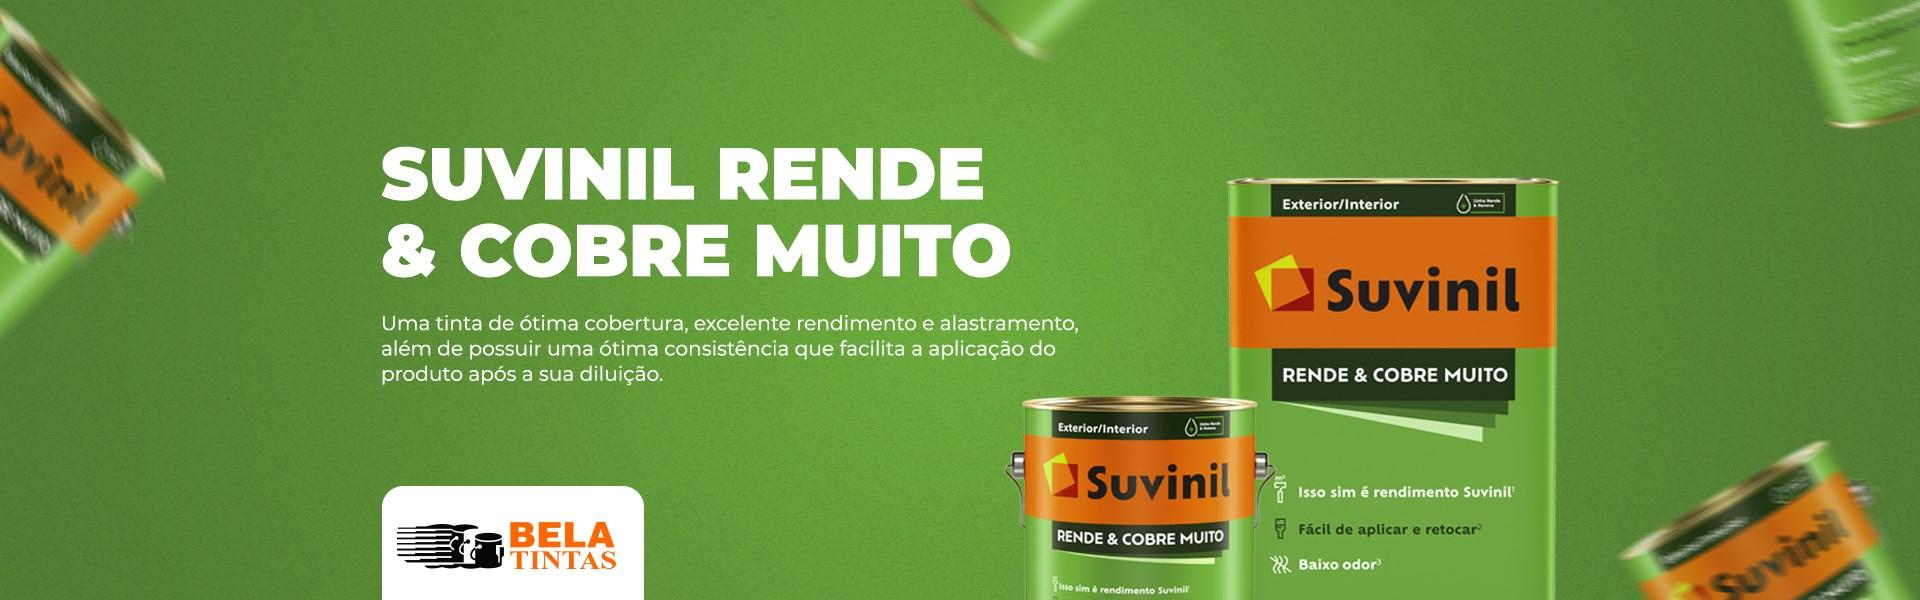 https://www.belatintas.com.br/busca?busca=rende+e+cobre+muito